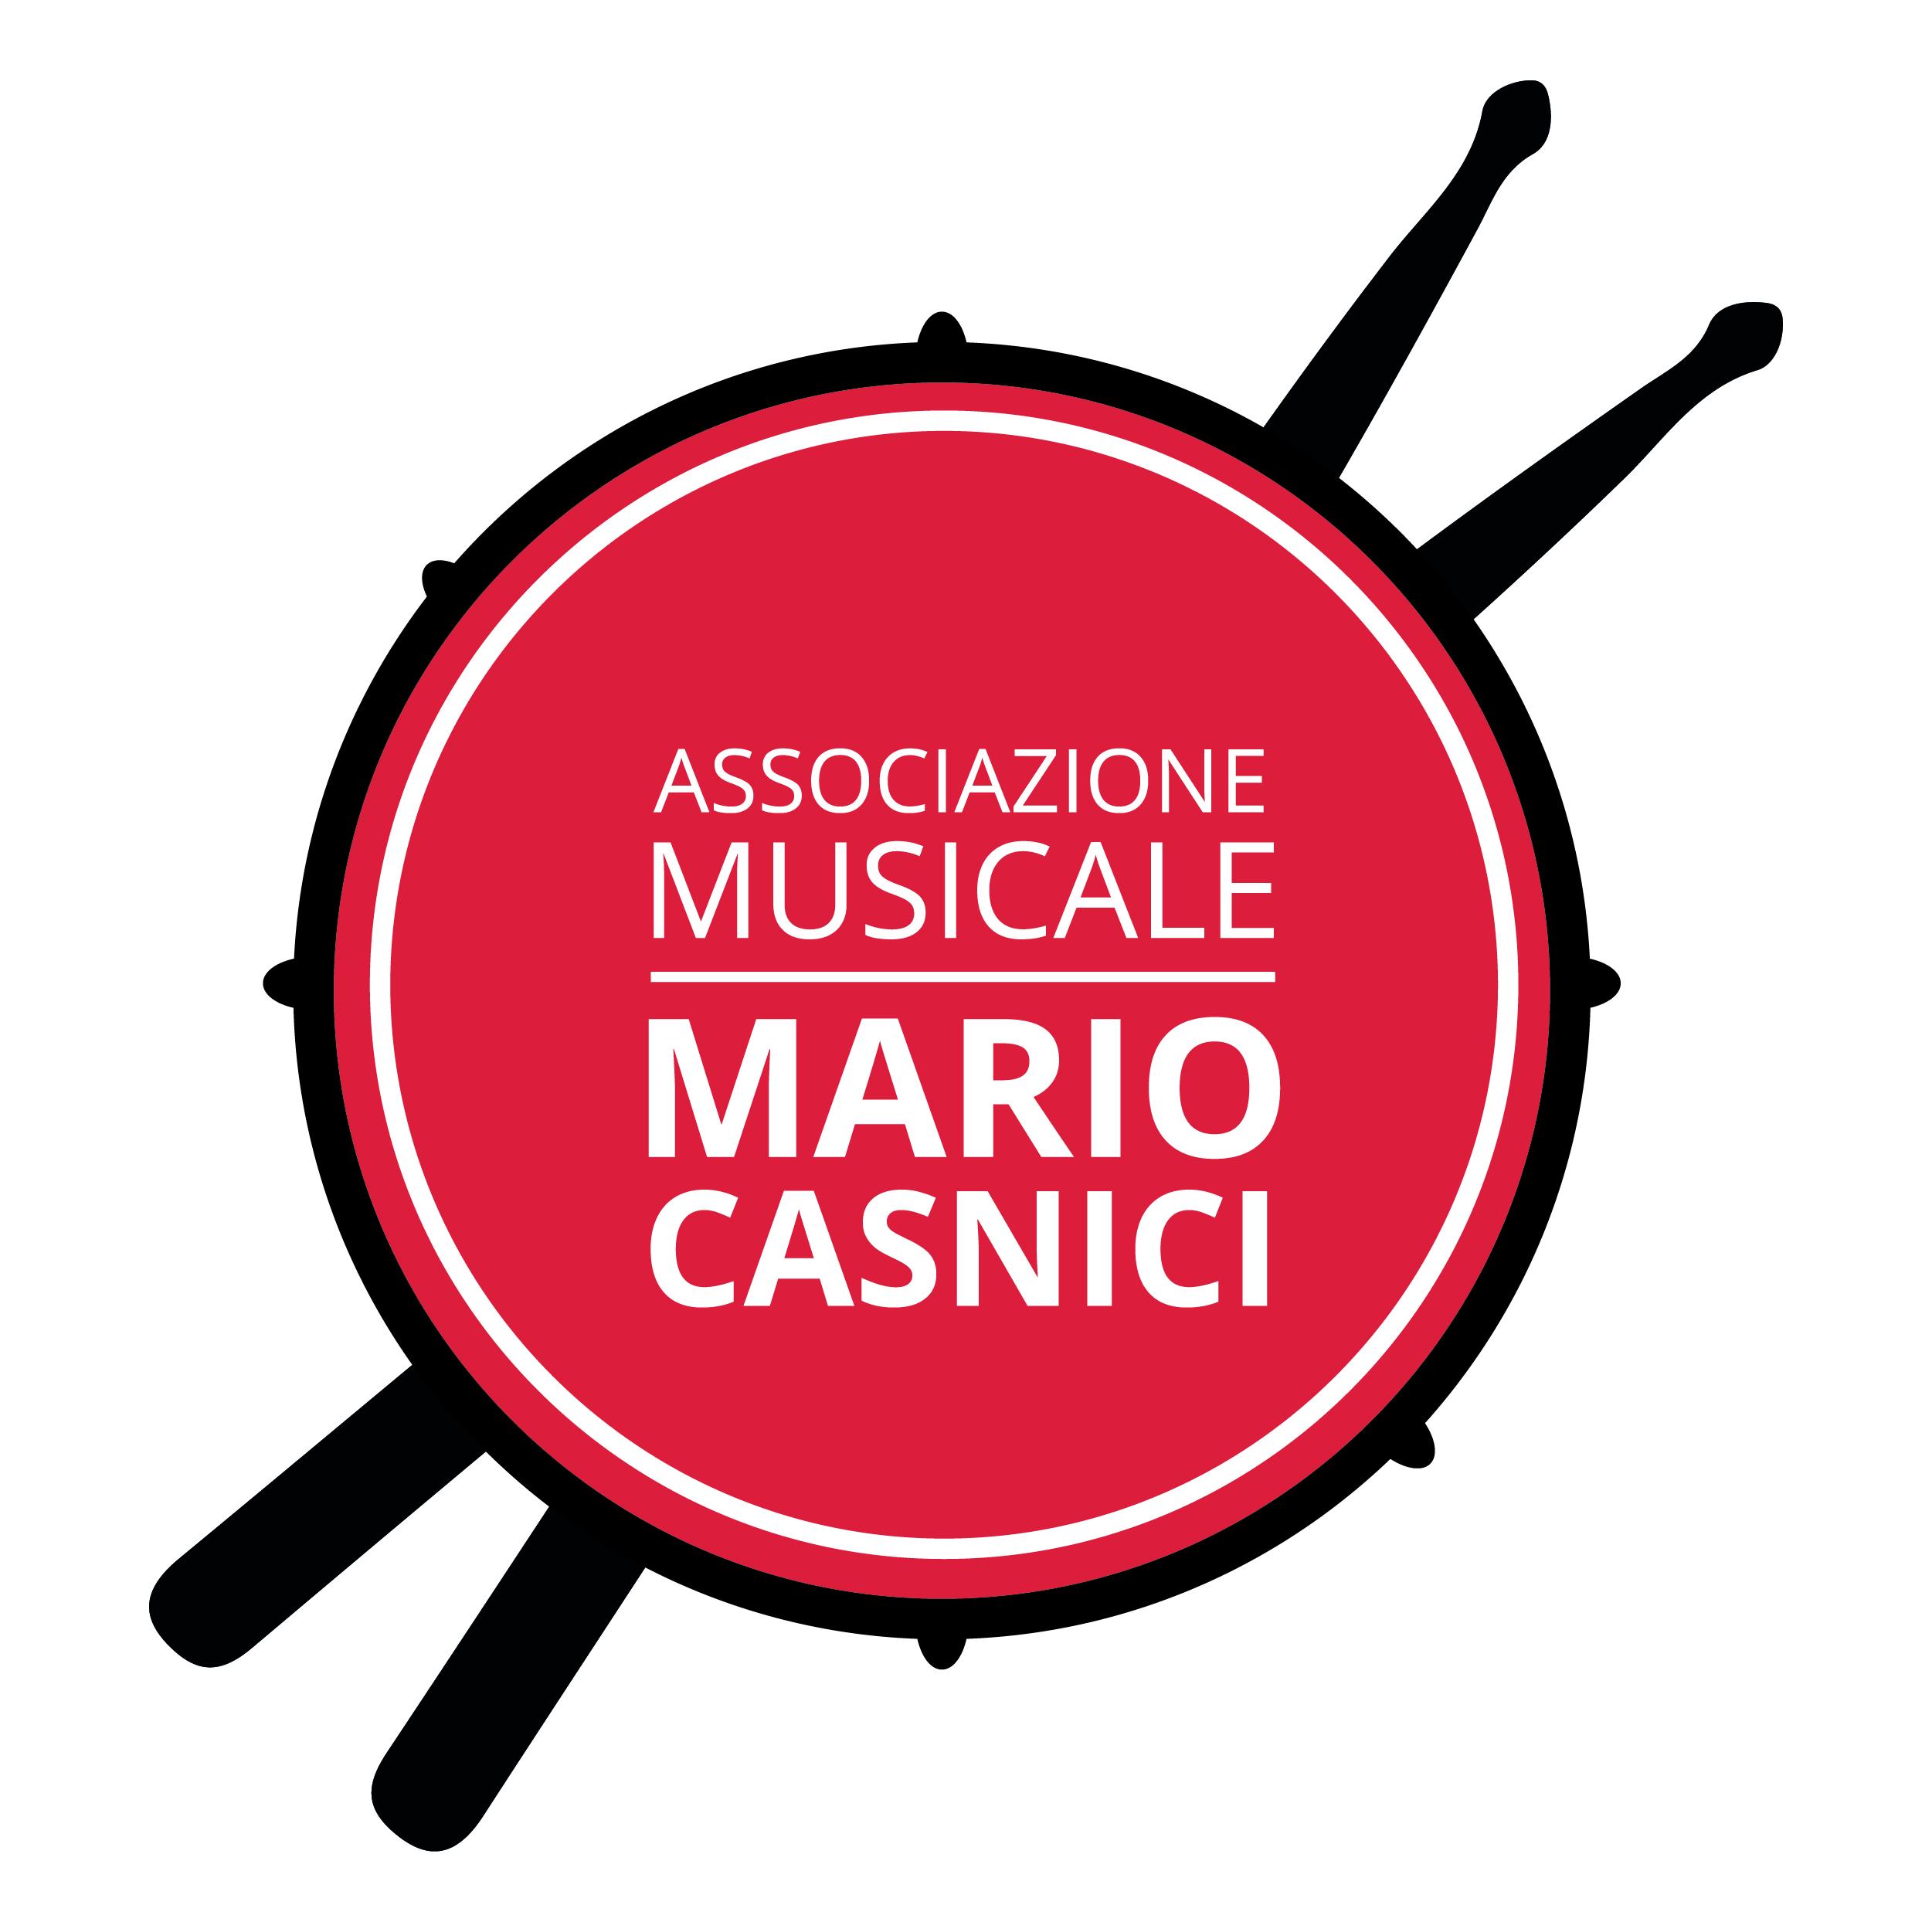 7emezzastudio-associazione-musicale-casnici-logo-siti-web